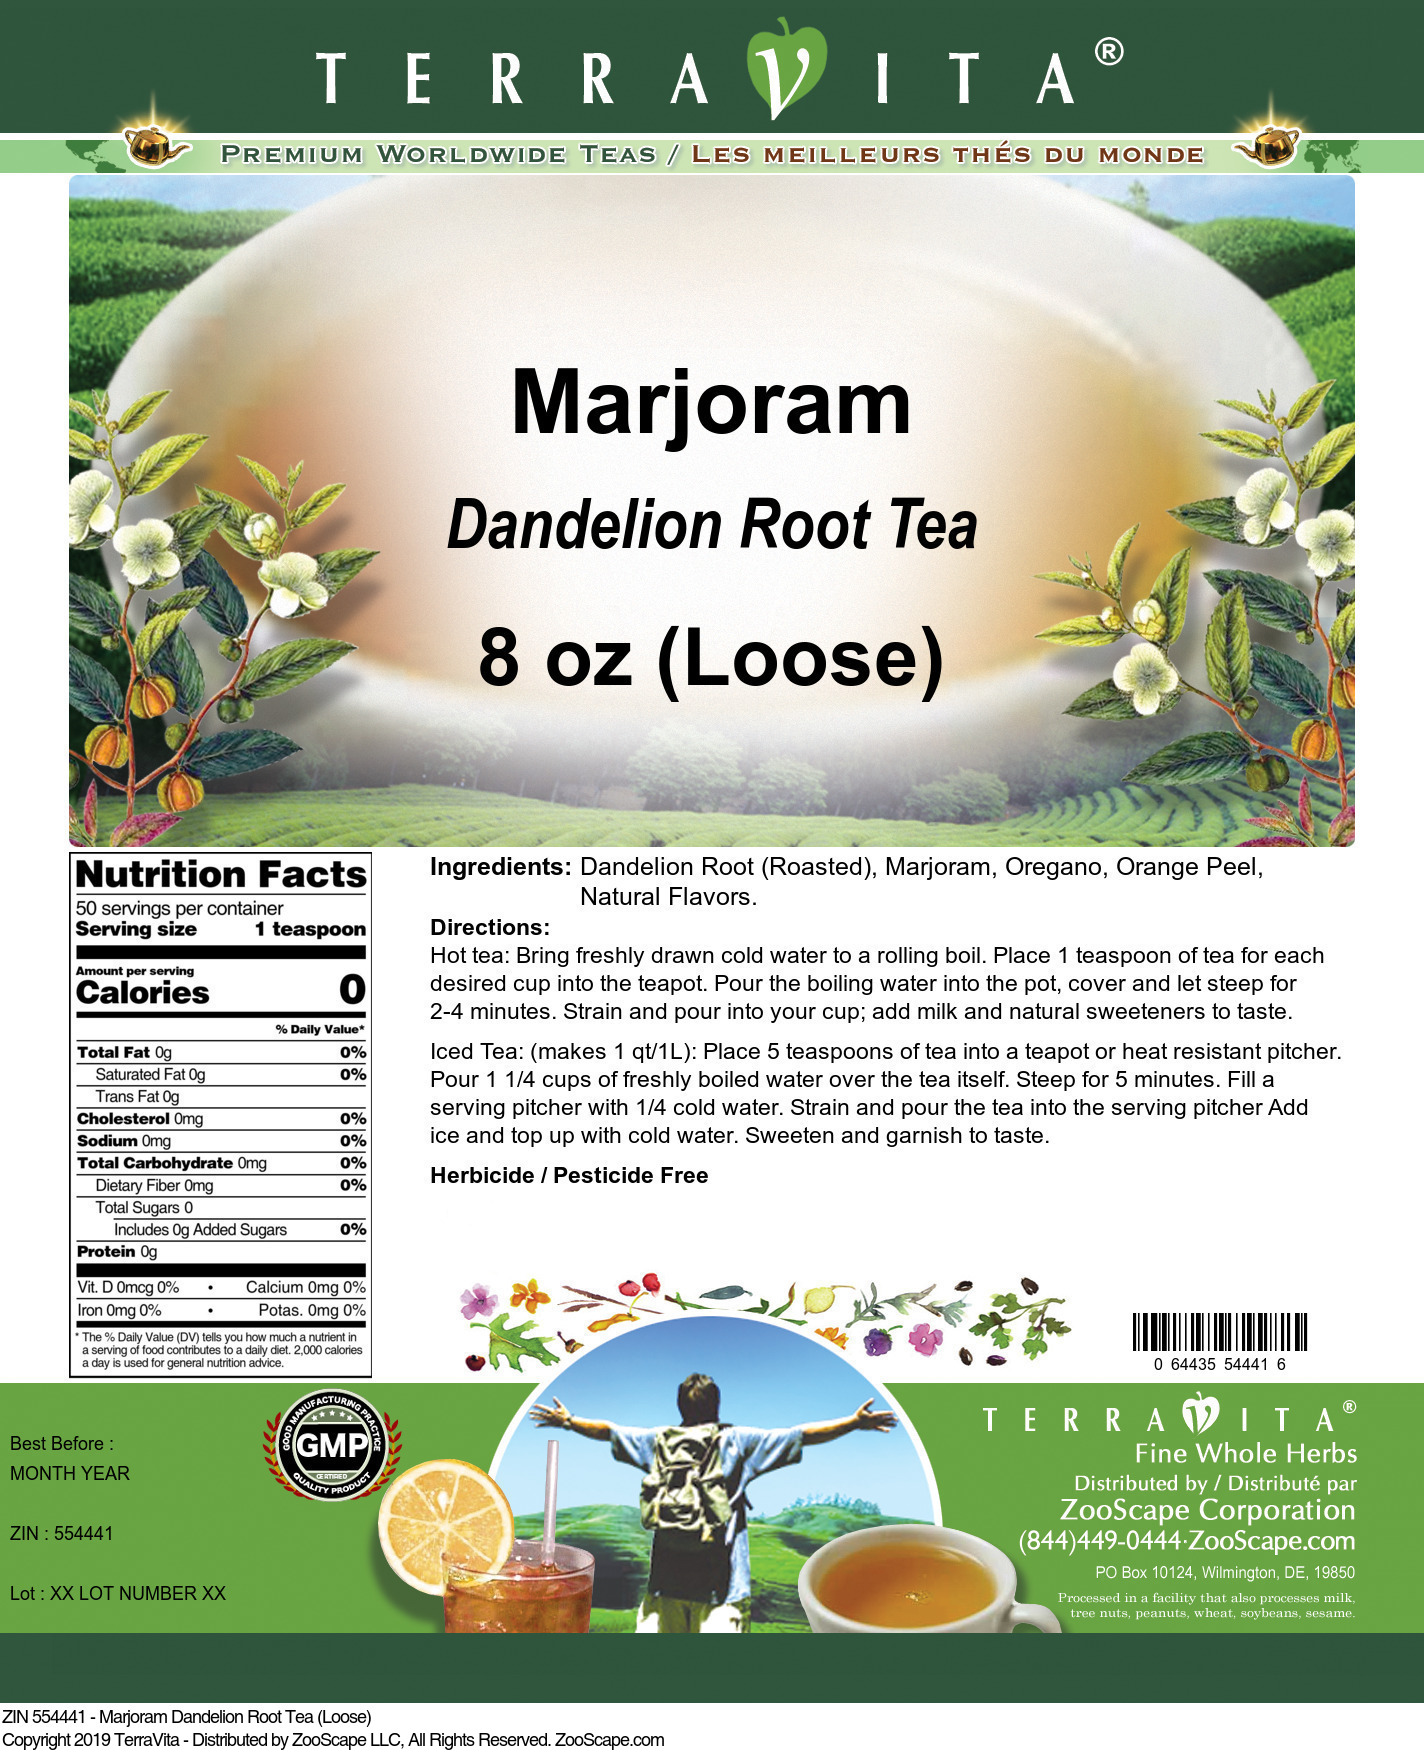 Marjoram Dandelion Root